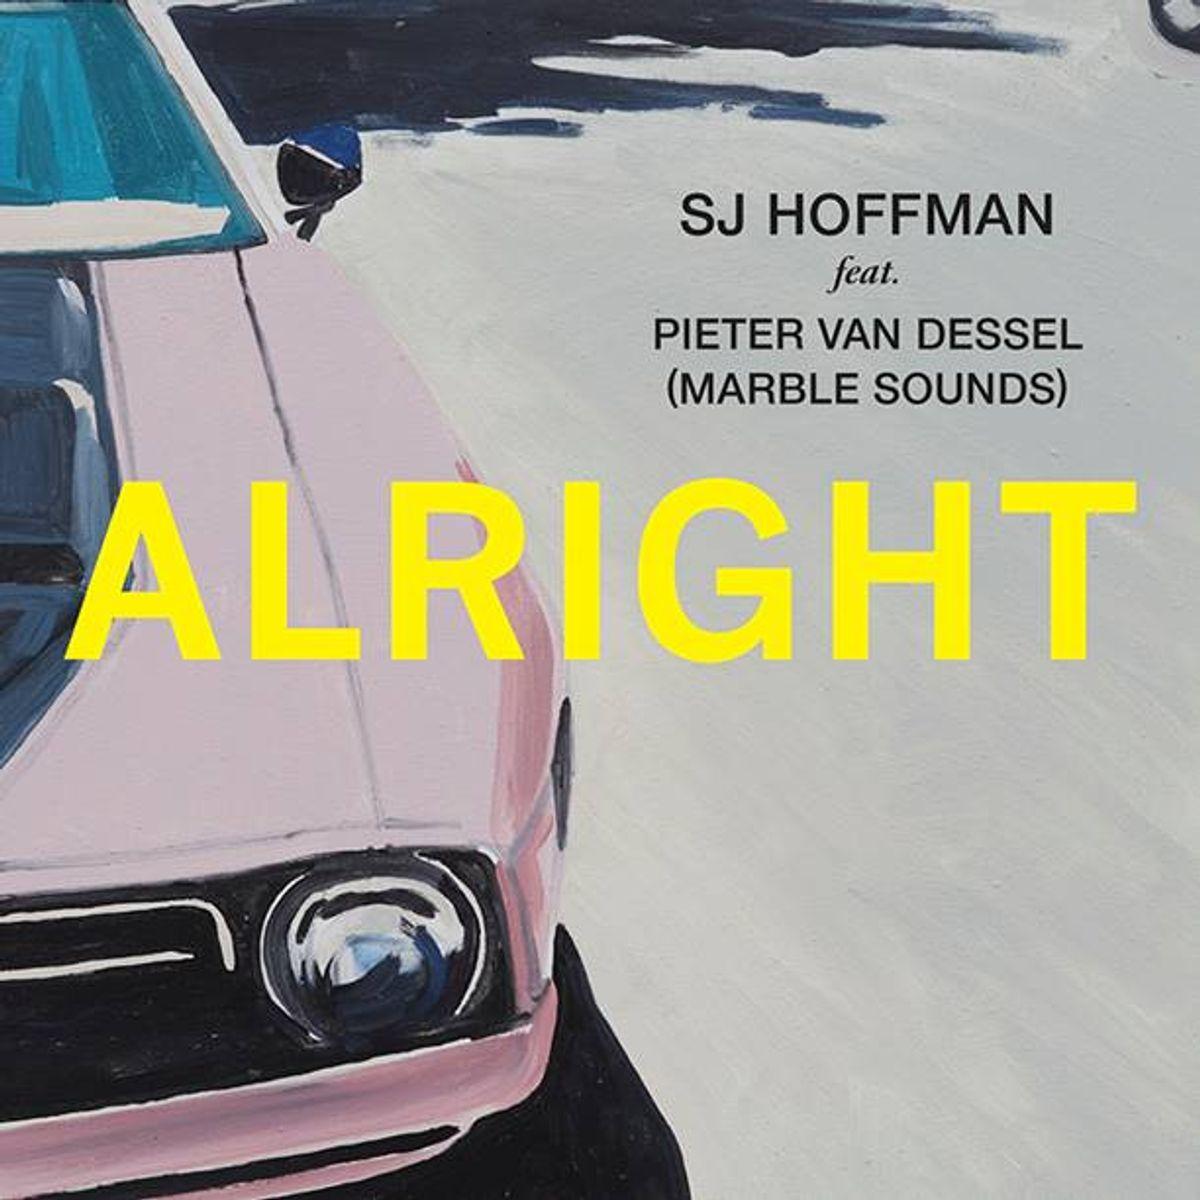 SJ Hoffman - Alright